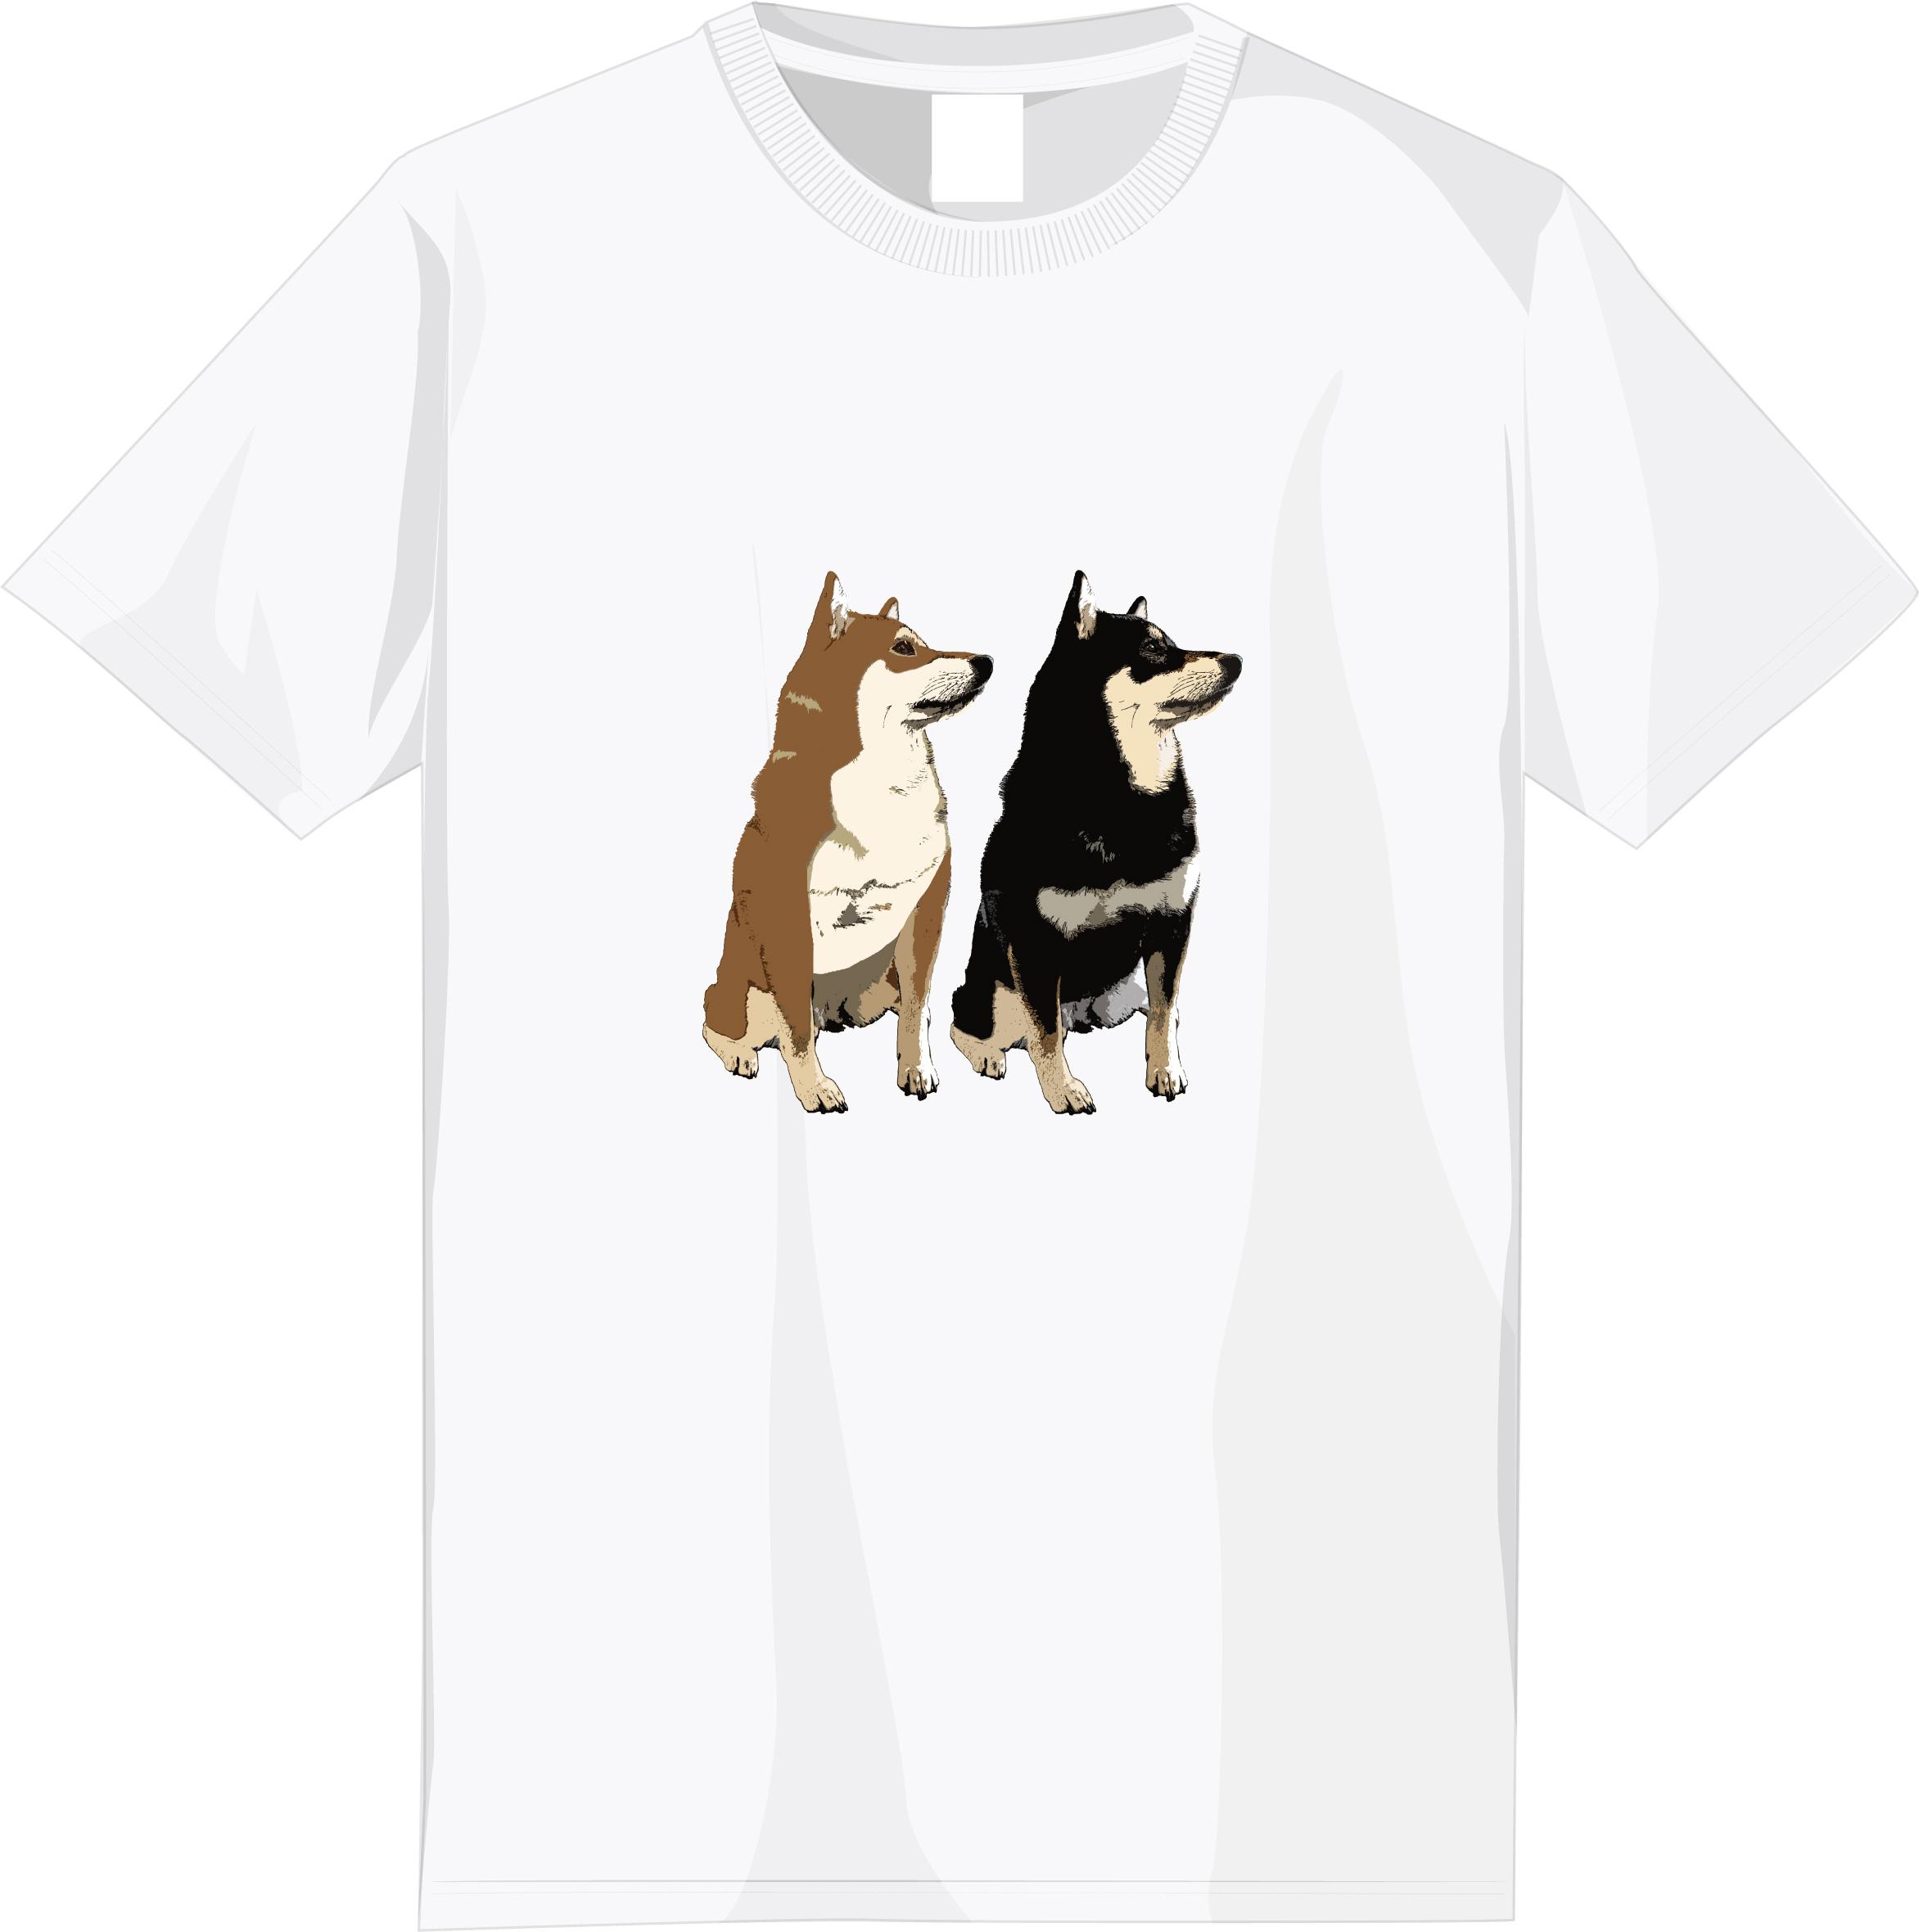 【期間限定受注】選べる全6種!フルカラー柴犬デザインTシャツ<⑥:柄小さめ>